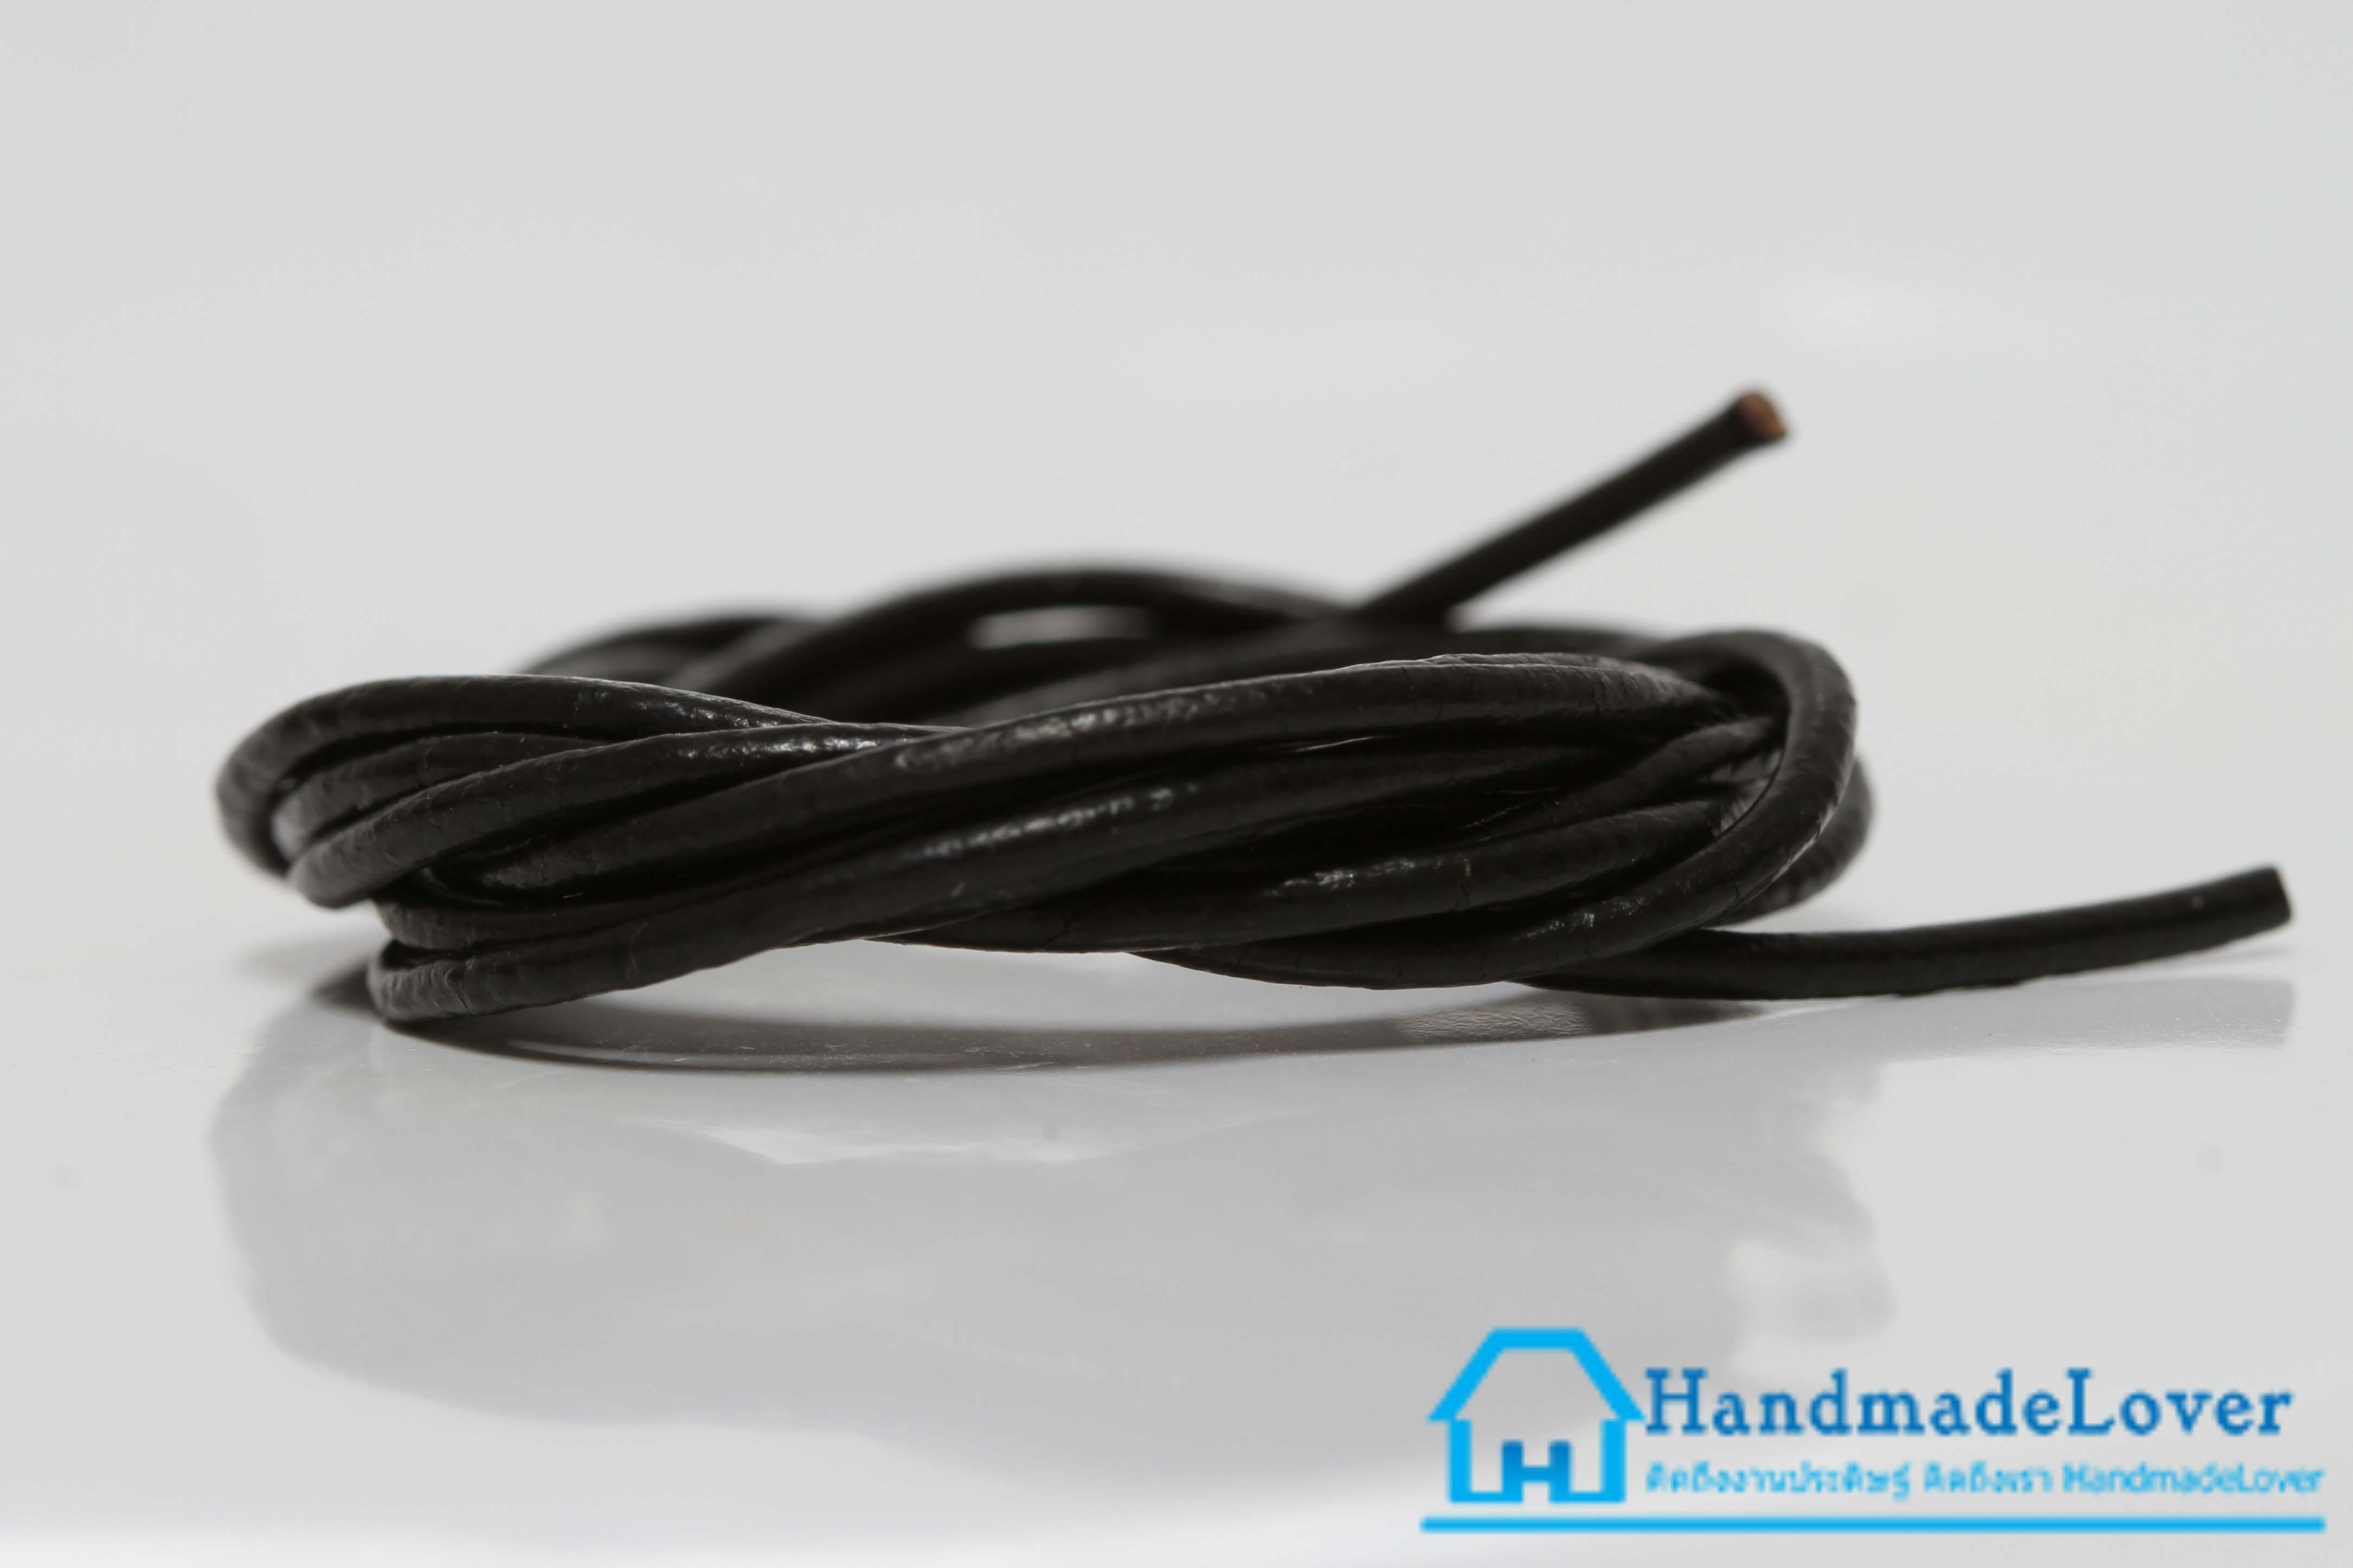 เชือกหนังกลม ผิวมัน สีดำ ขนาด กว้าง 1.5 mm.